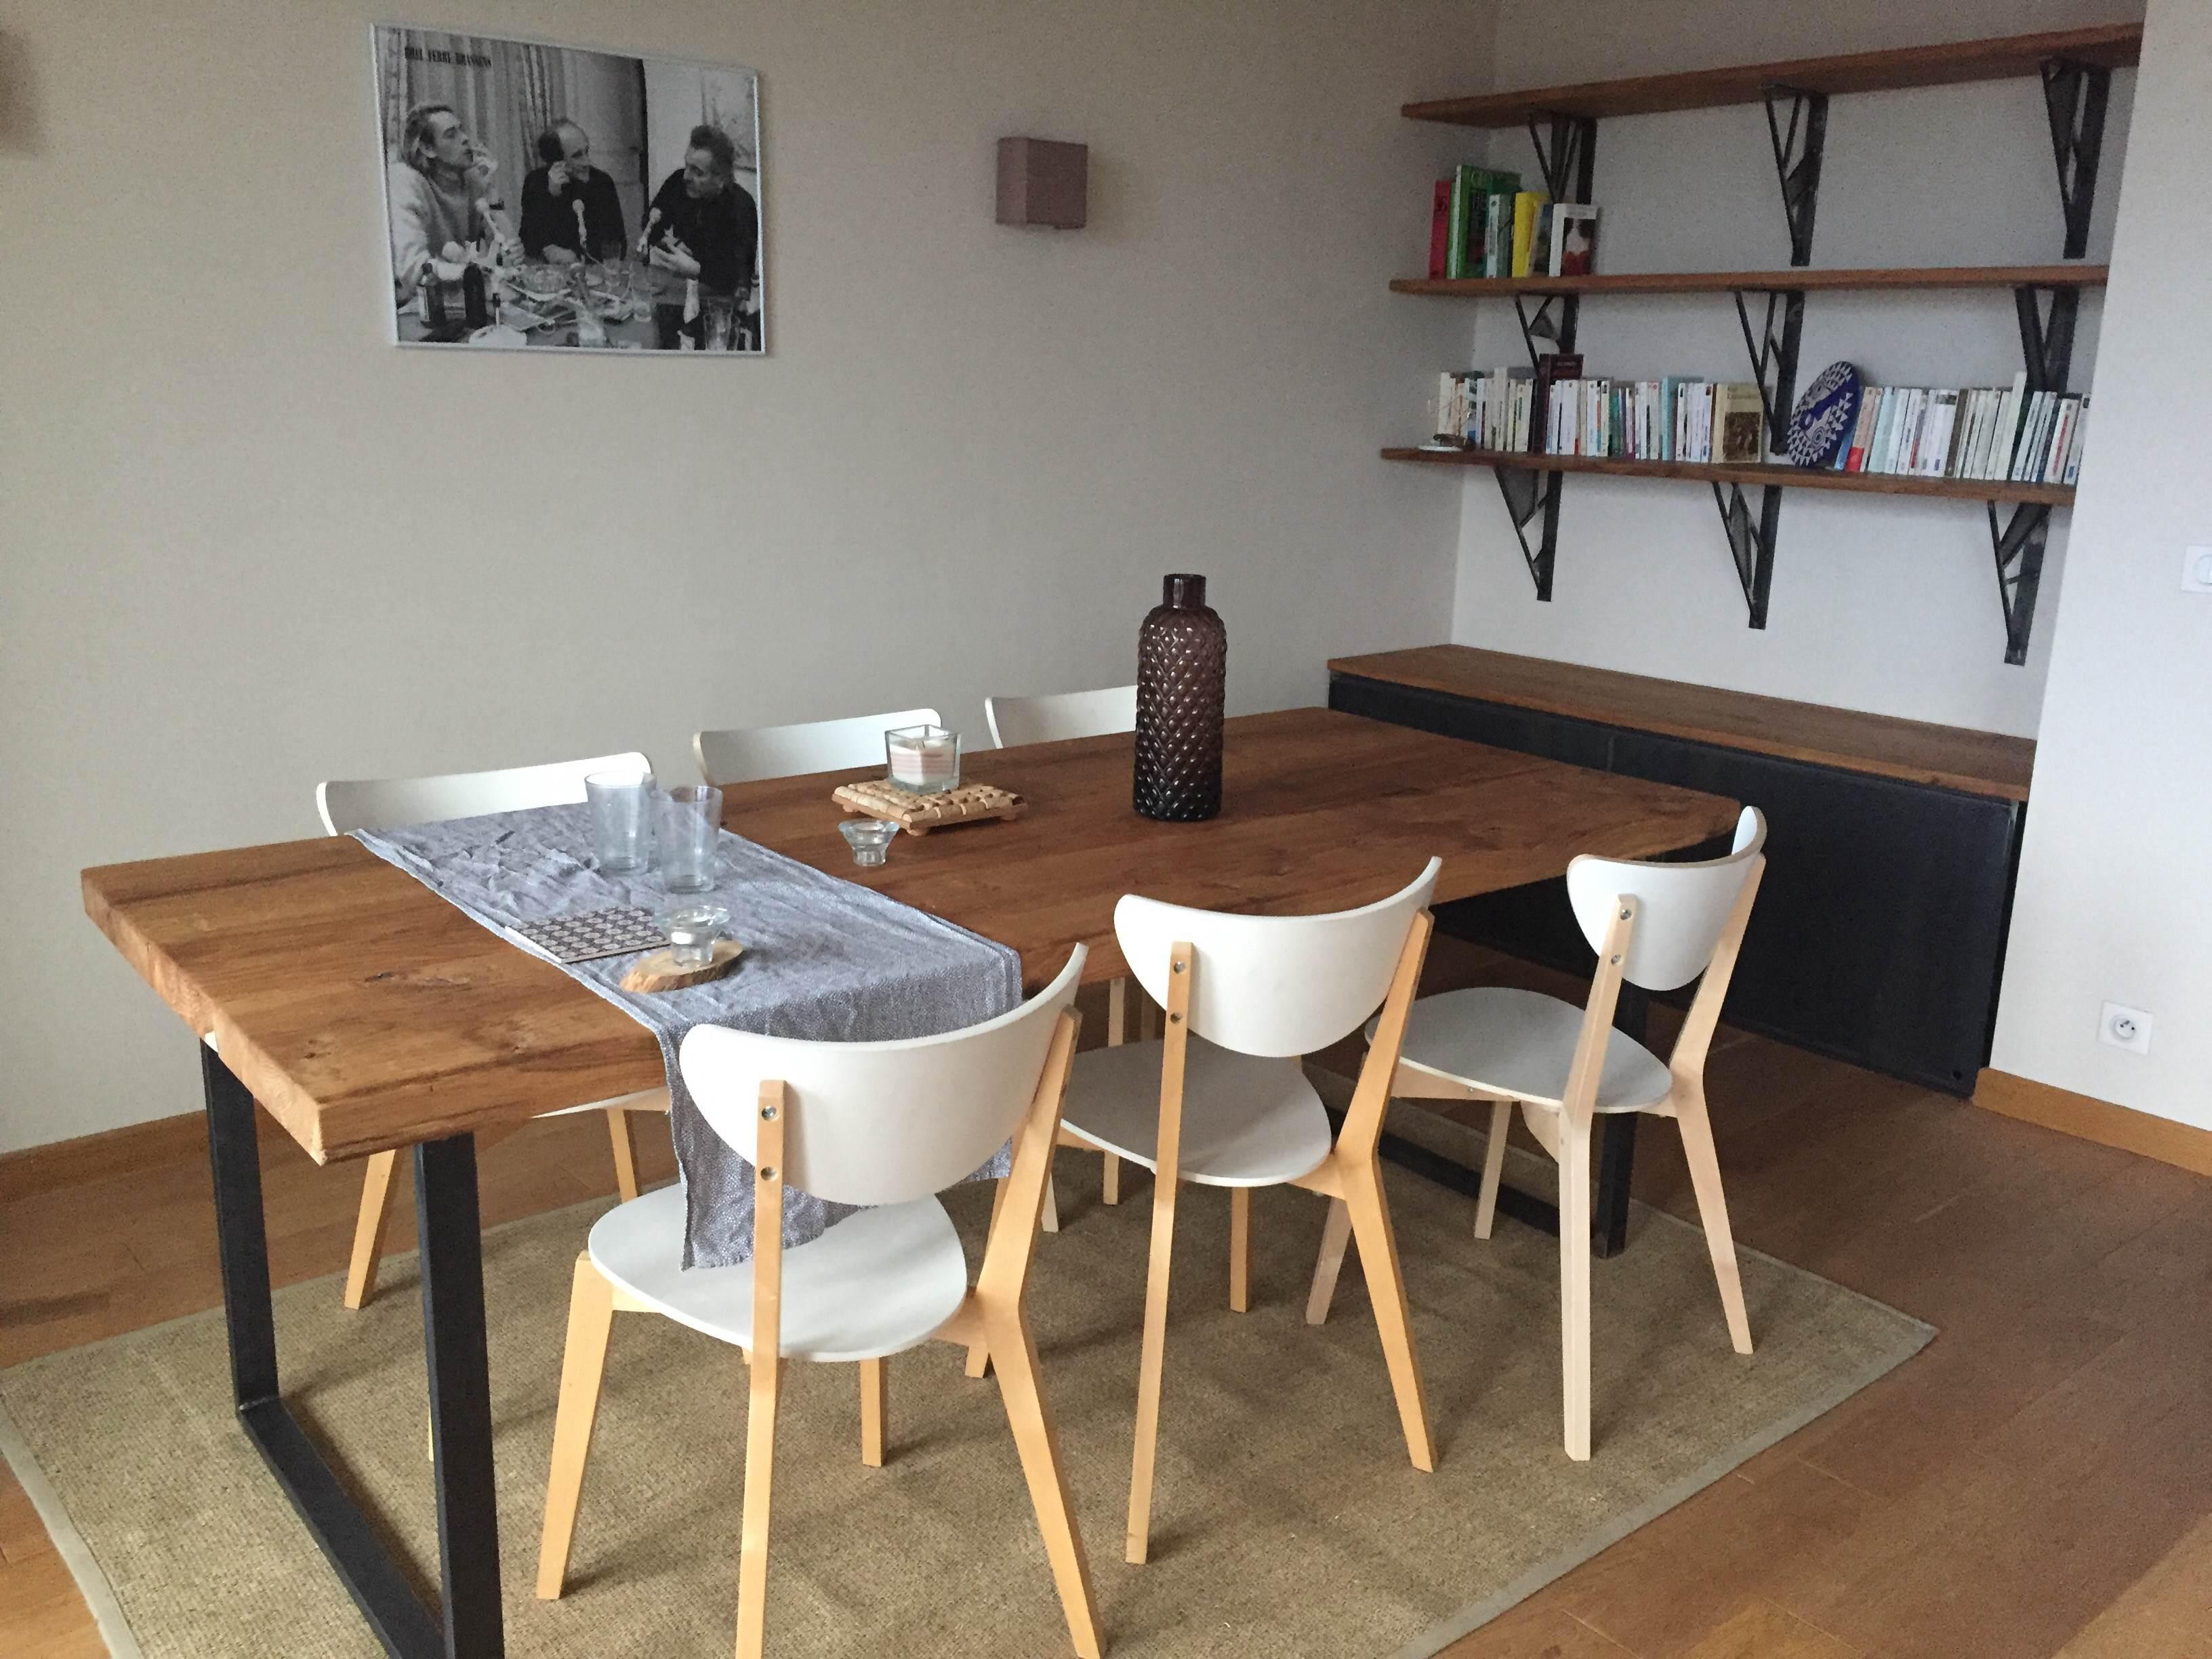 Faire Meuble Sur Mesure l'atelier urbain : fabrication & vente | meuble sur mesure à